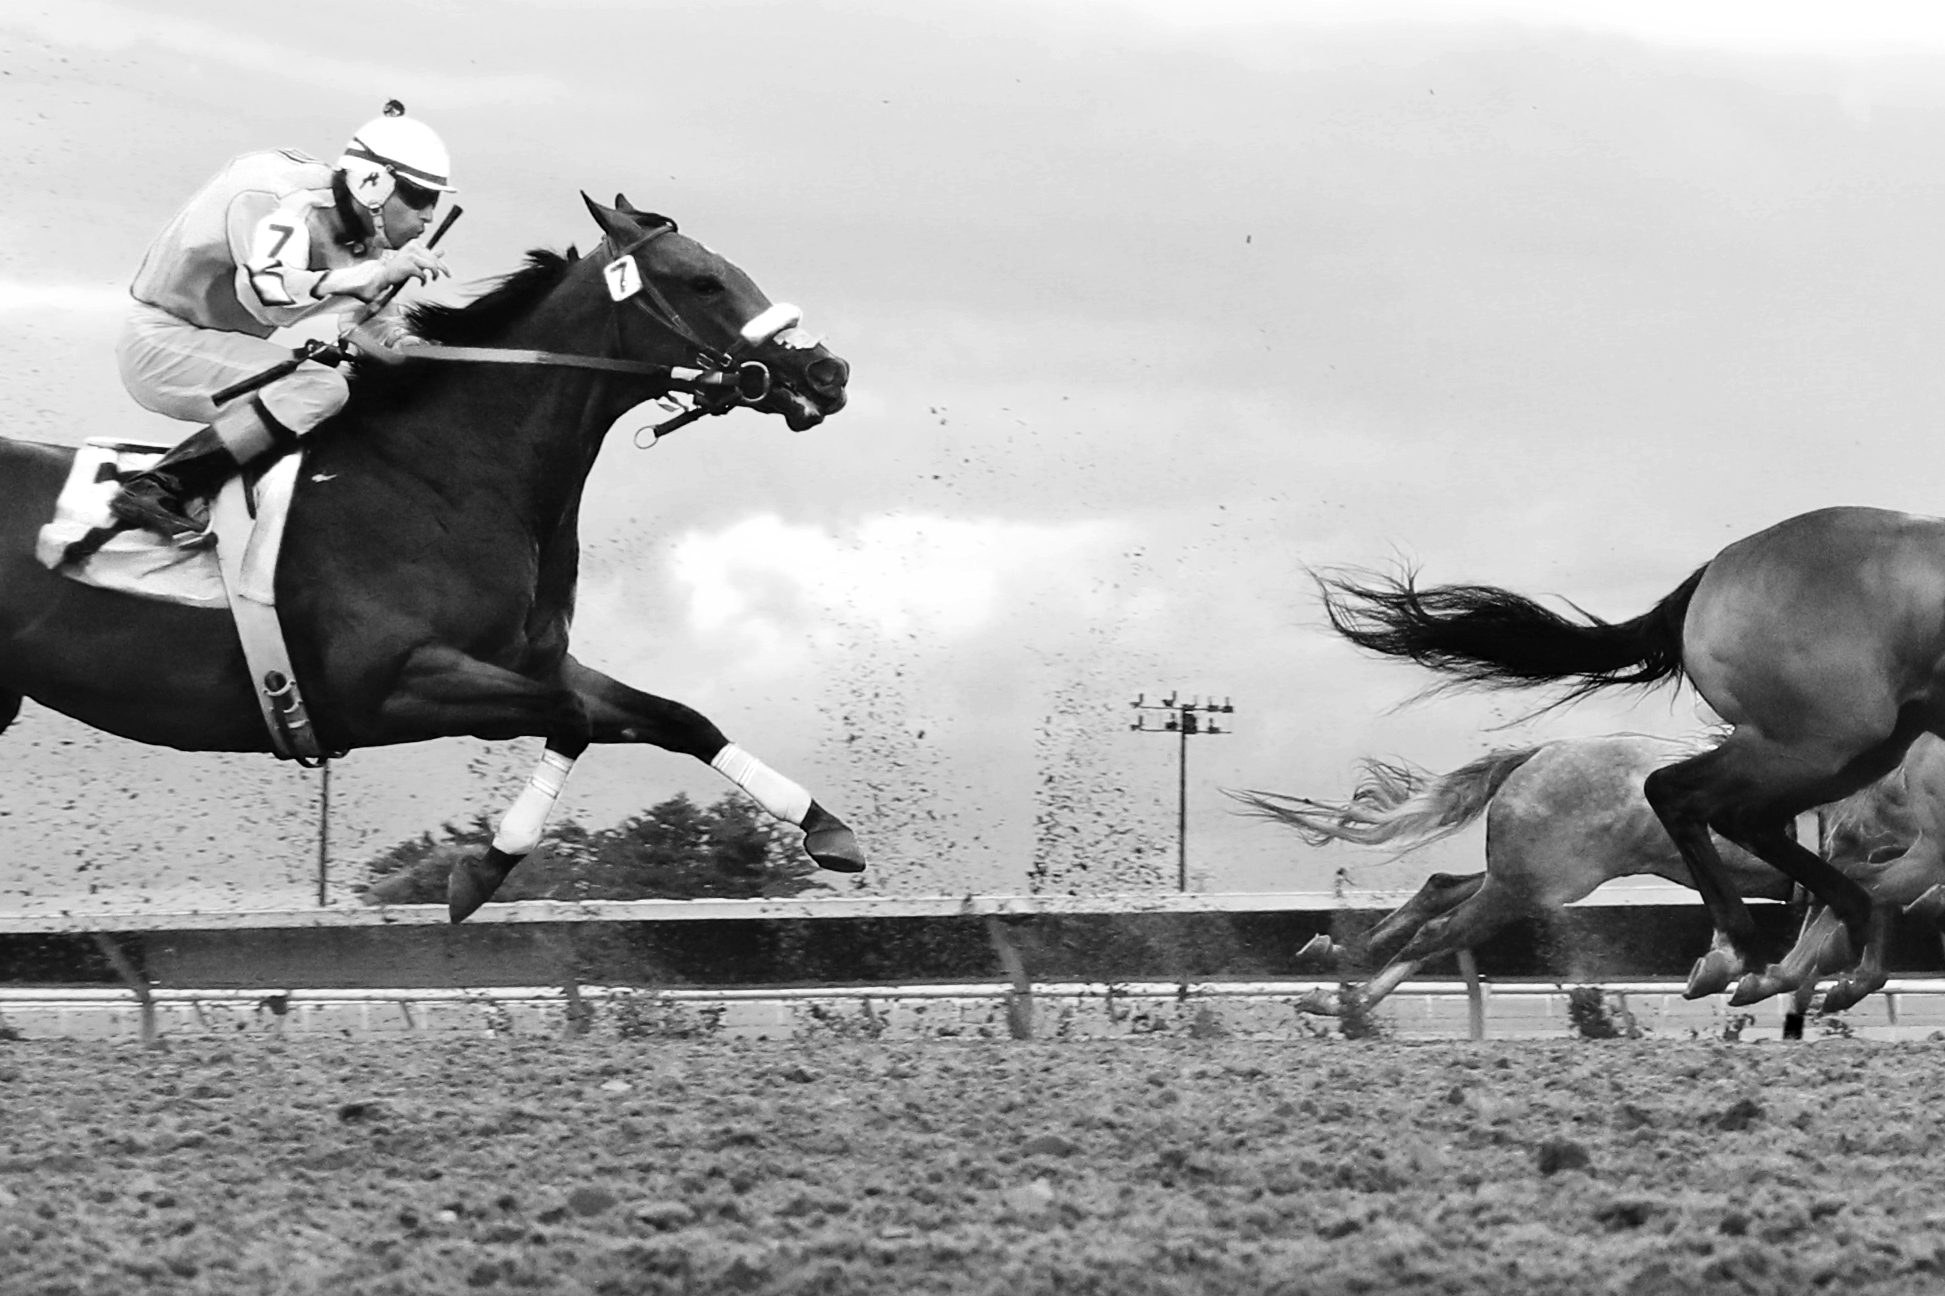 horserace2jbarnett.jpg